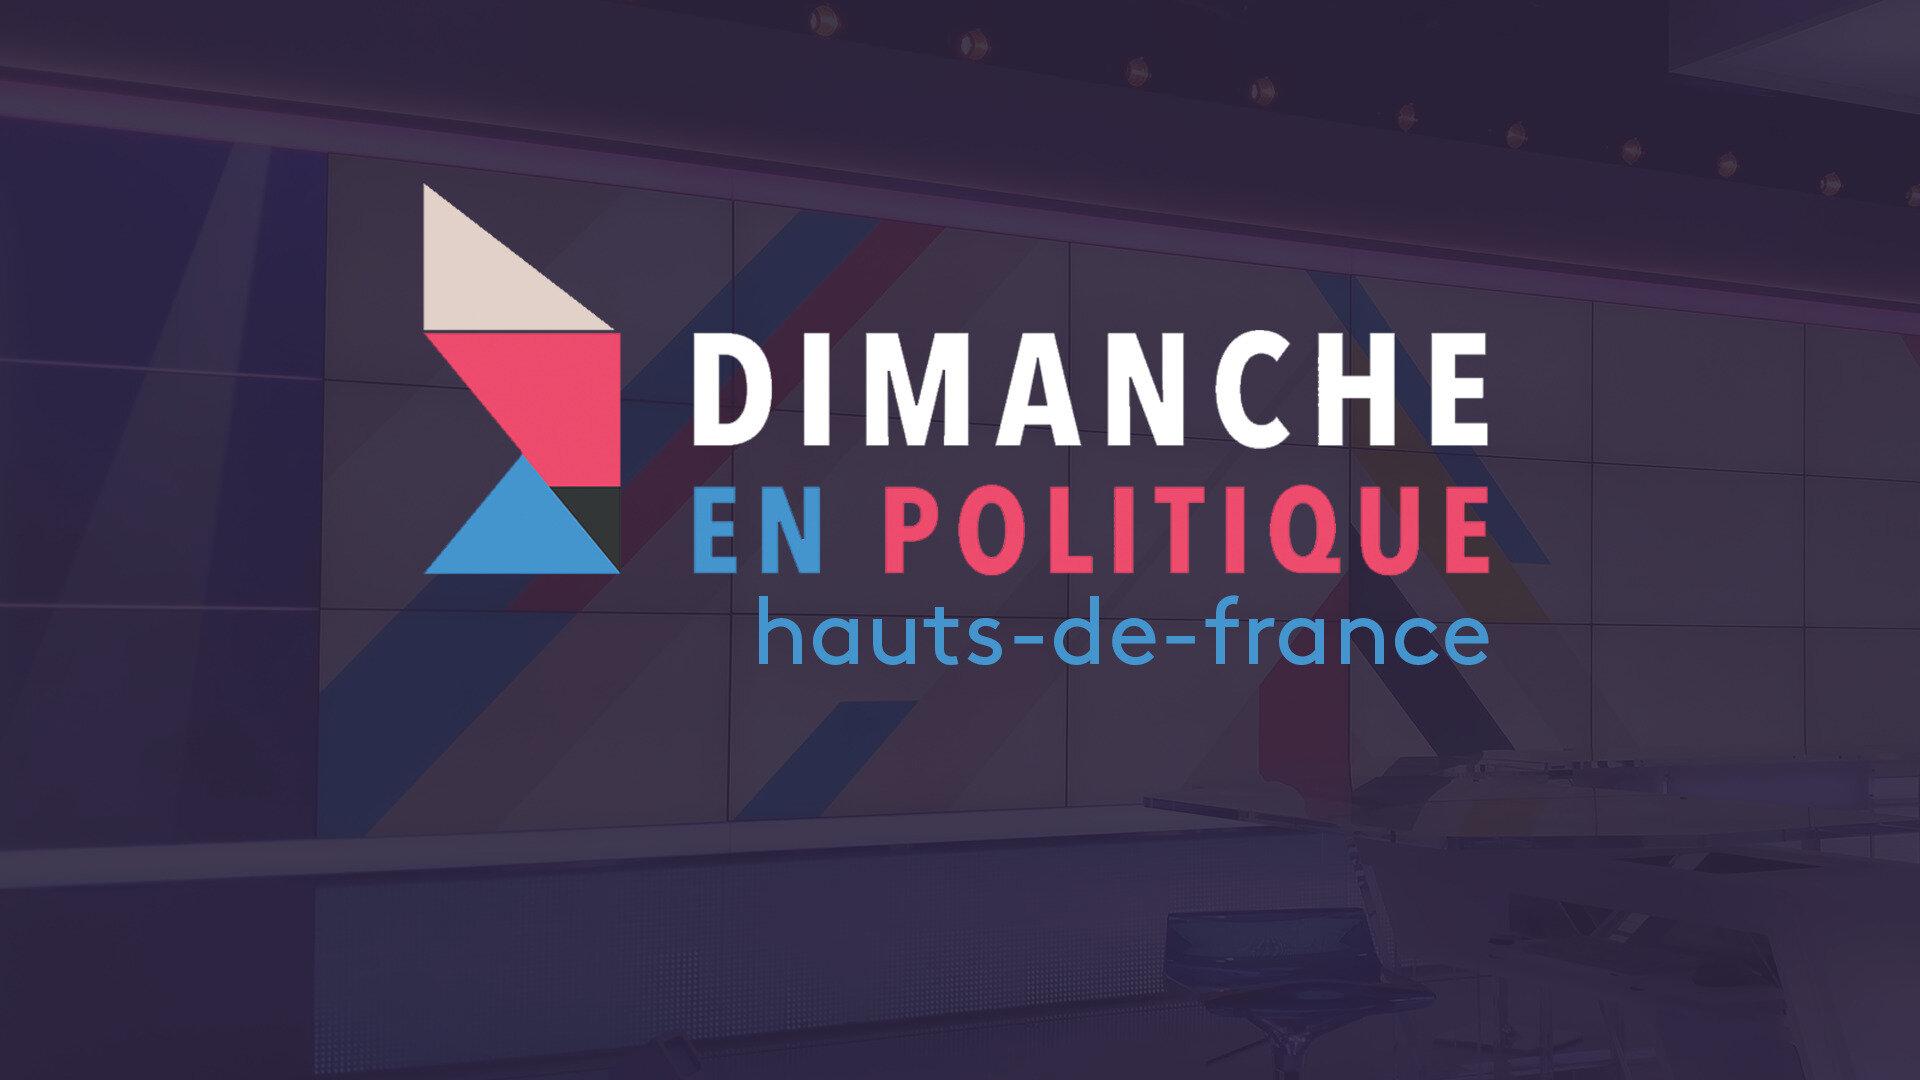 Dimanche en politique - Hauts-de-France : Les Femmes de pouvoir